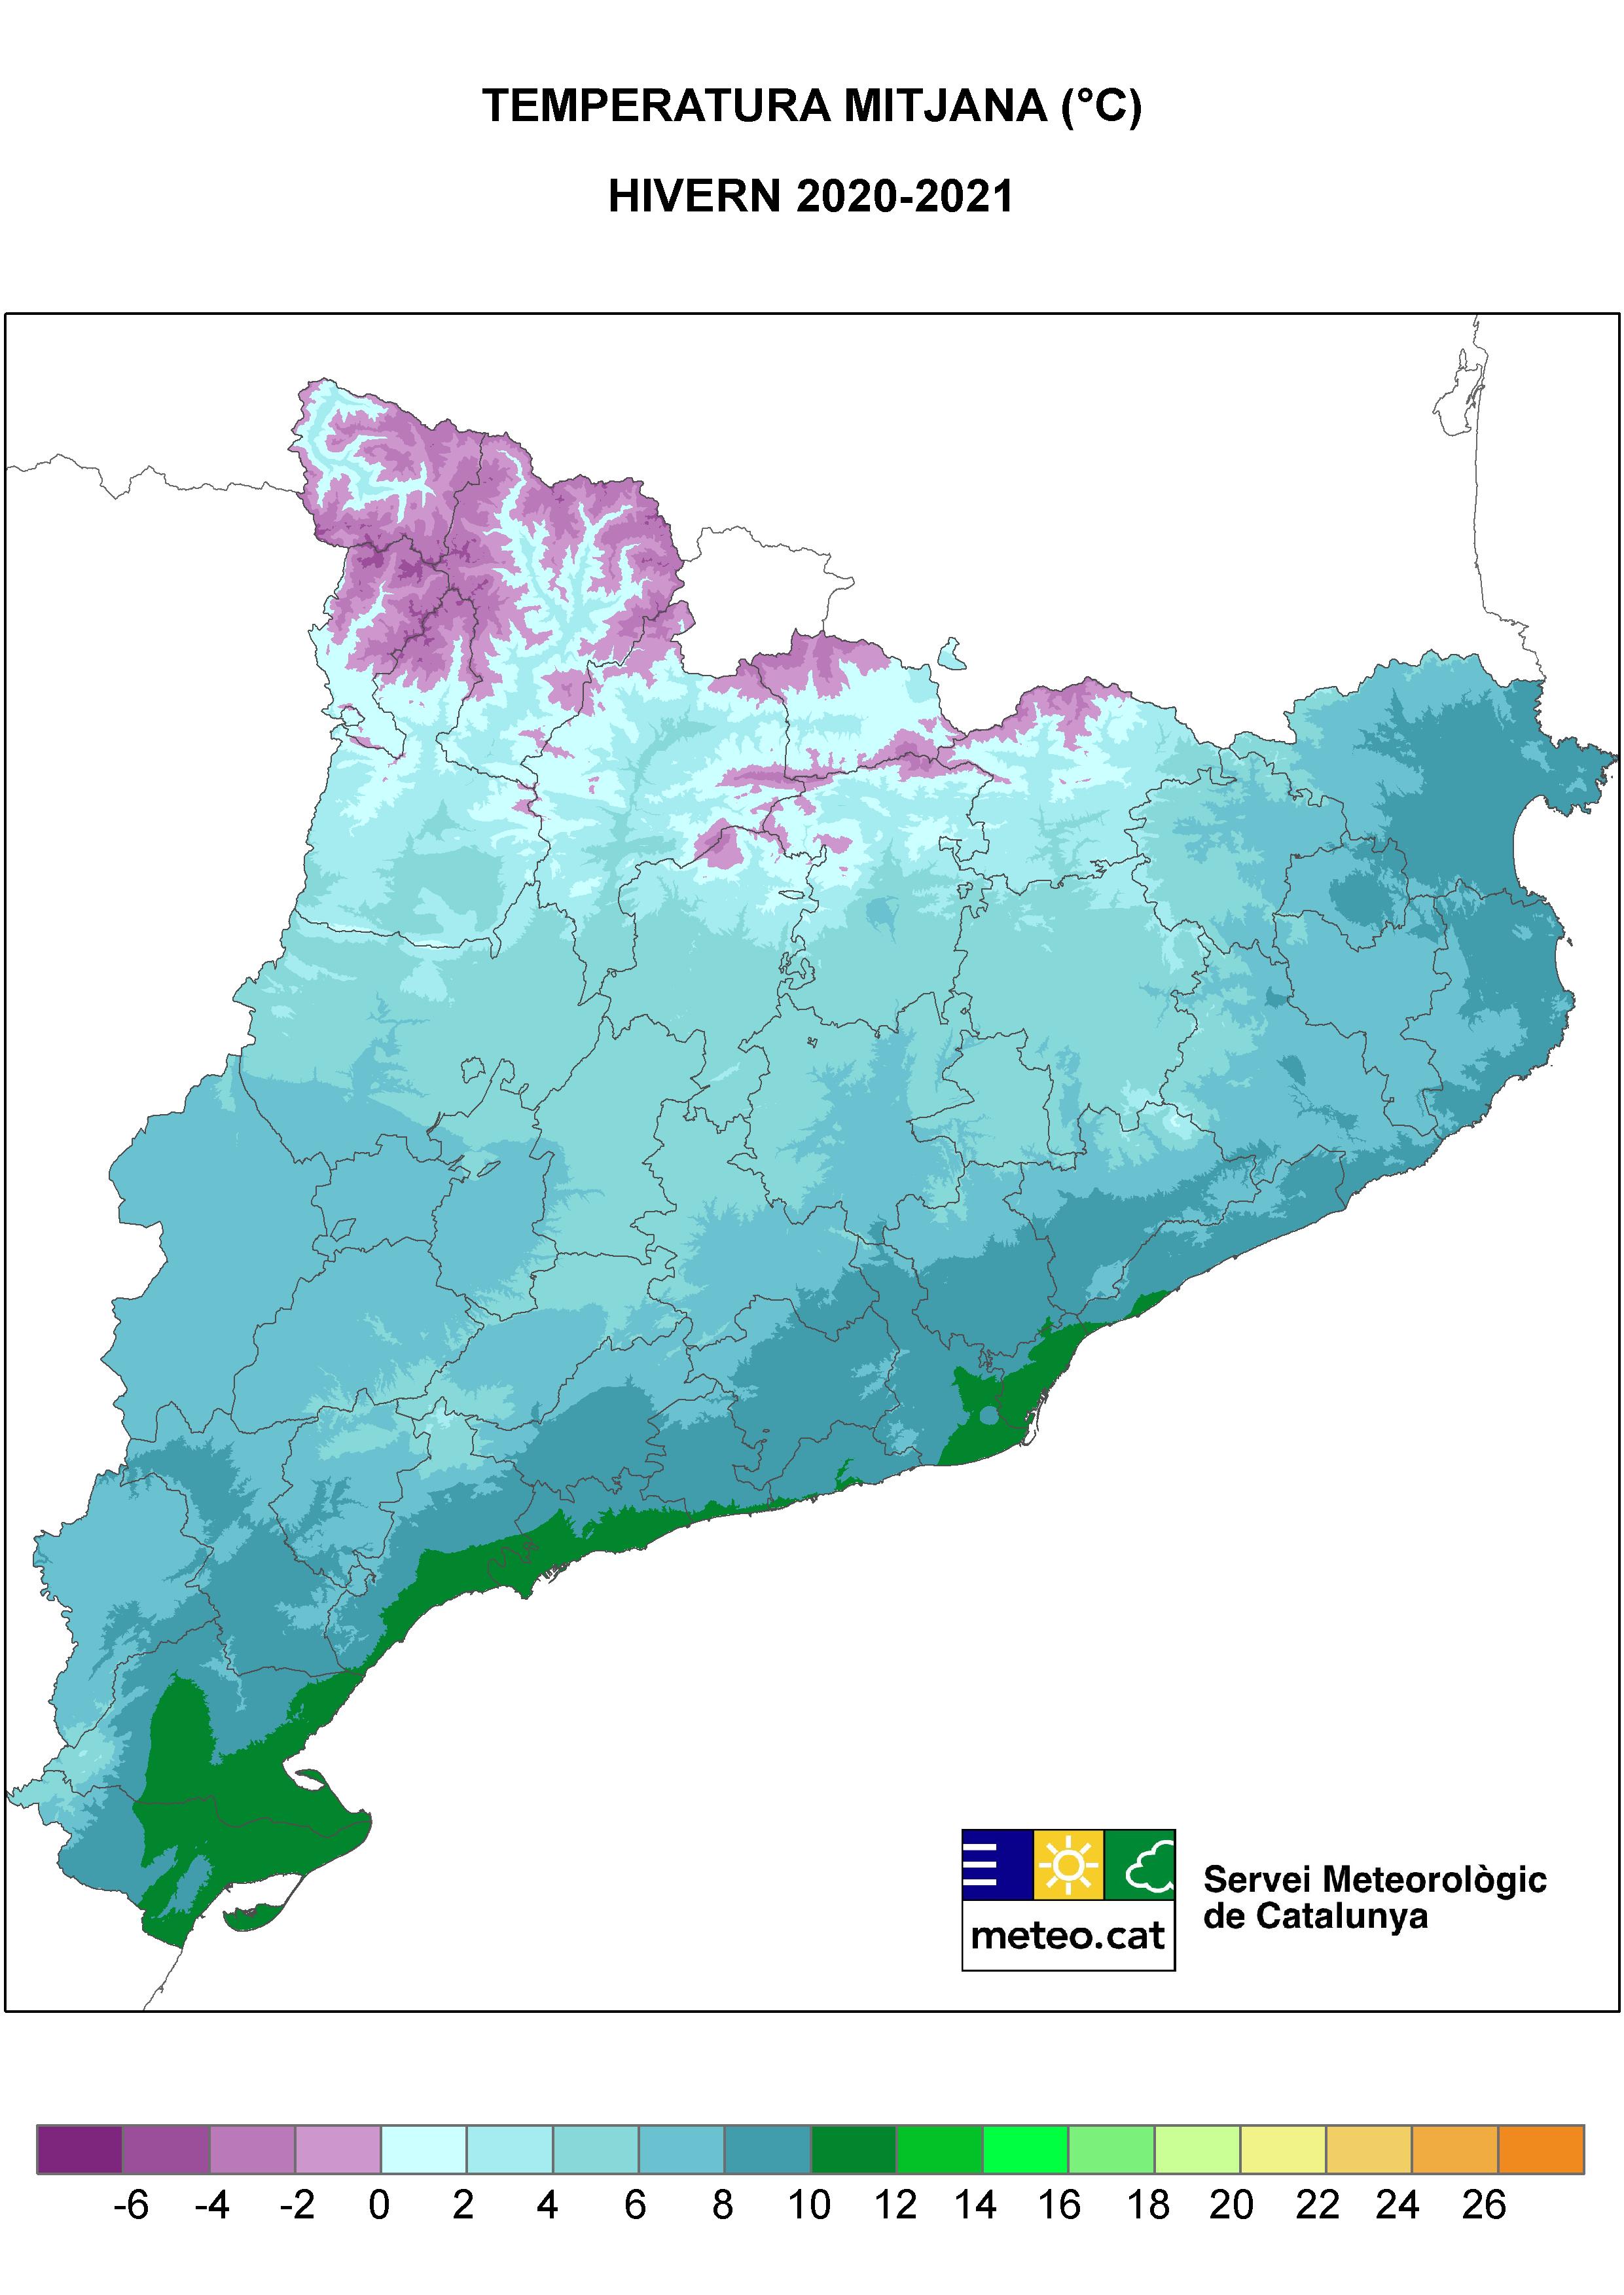 Mapa Temperatura Mitjana mensual de l'hivern 2021